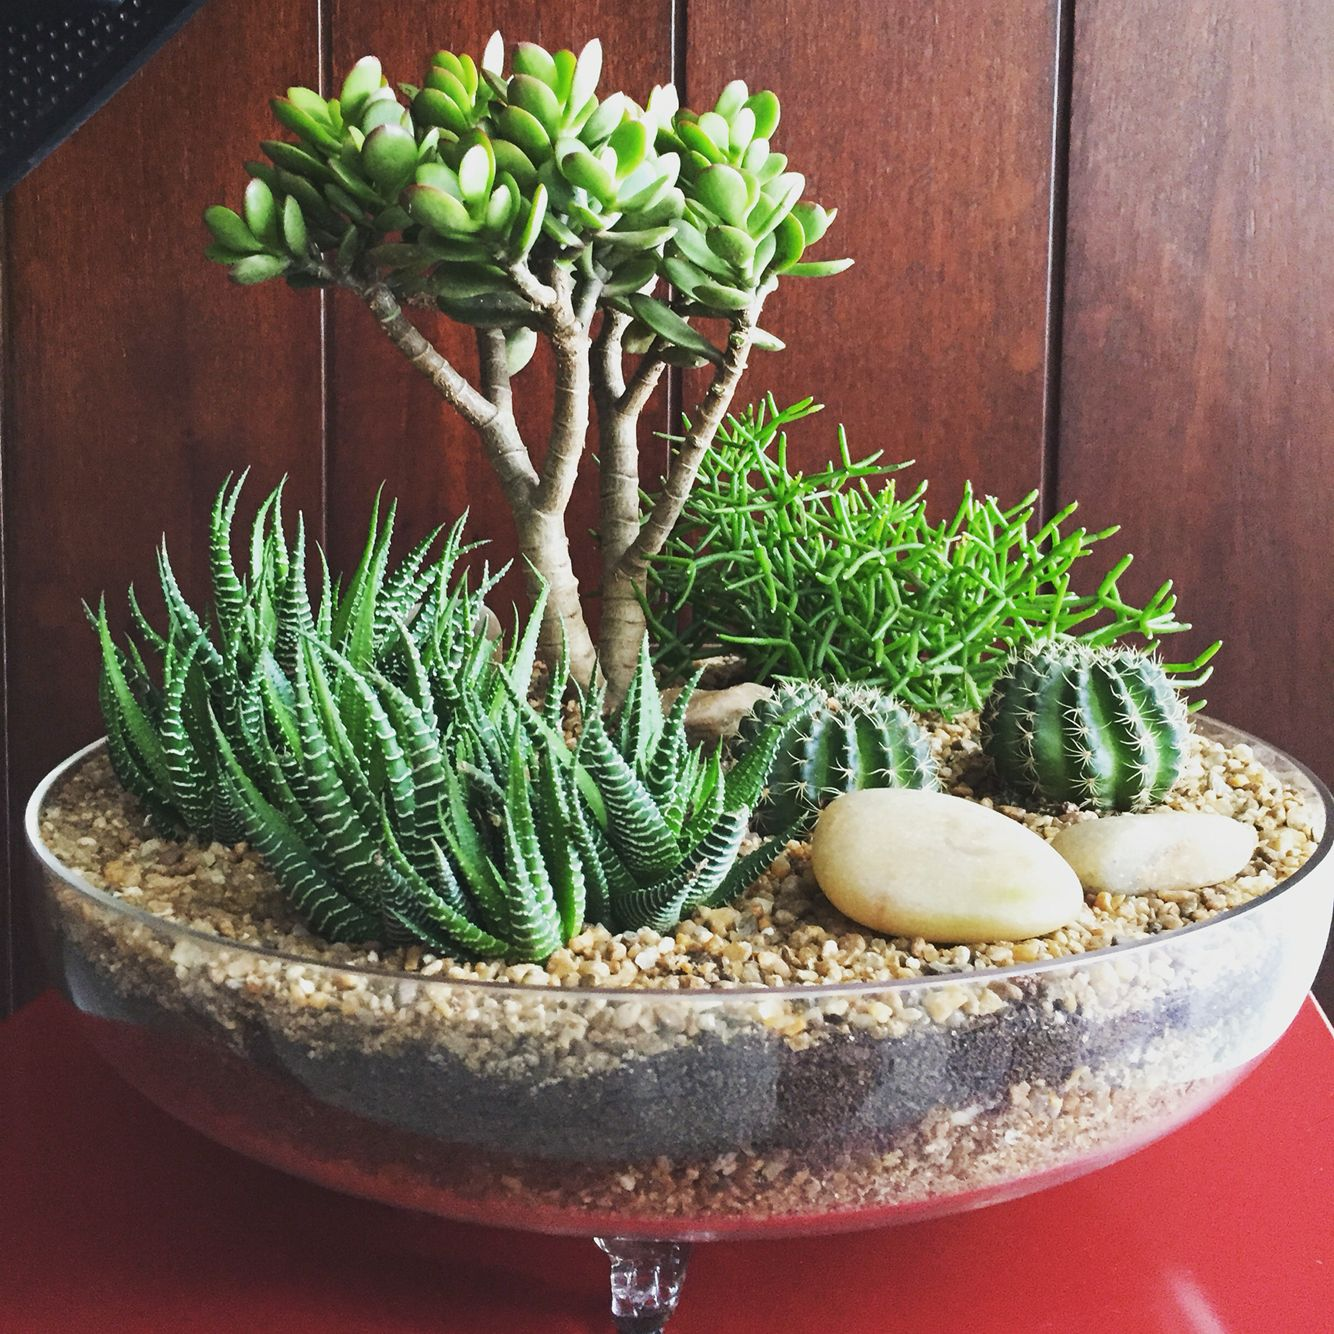 kokedamas souvenirs garden pinterest plantes plantes grasses et jardins. Black Bedroom Furniture Sets. Home Design Ideas